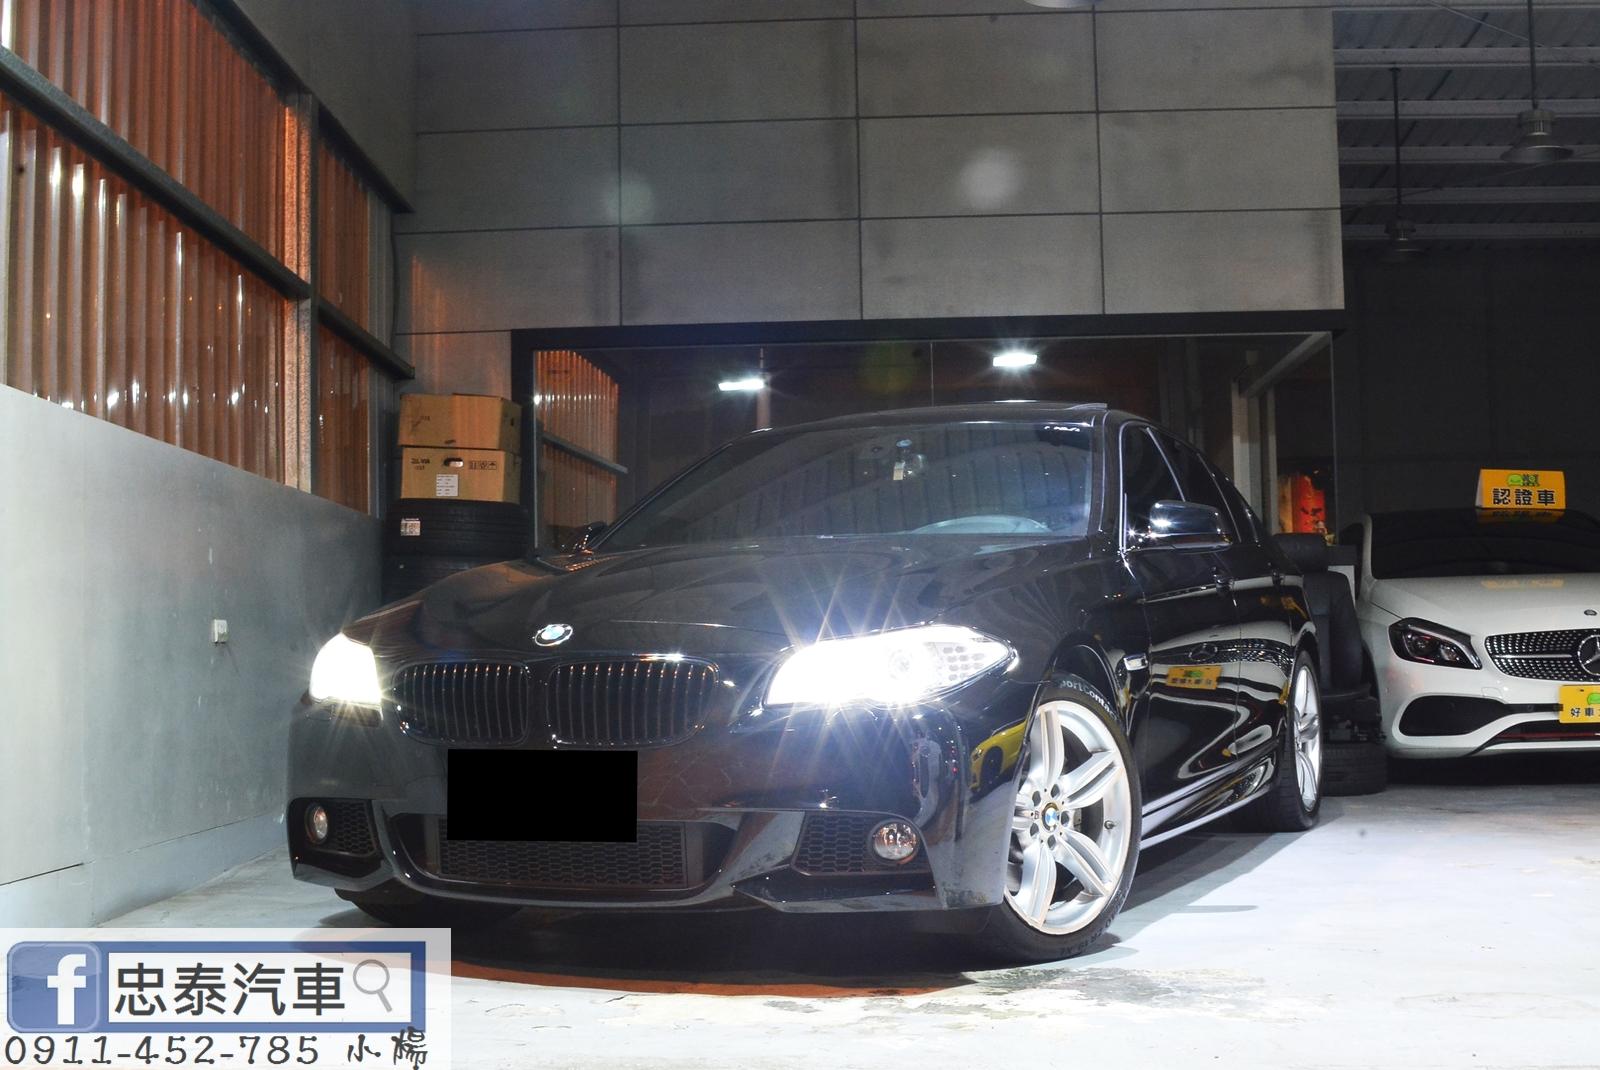 2012 BMW 寶馬 5-series sedan